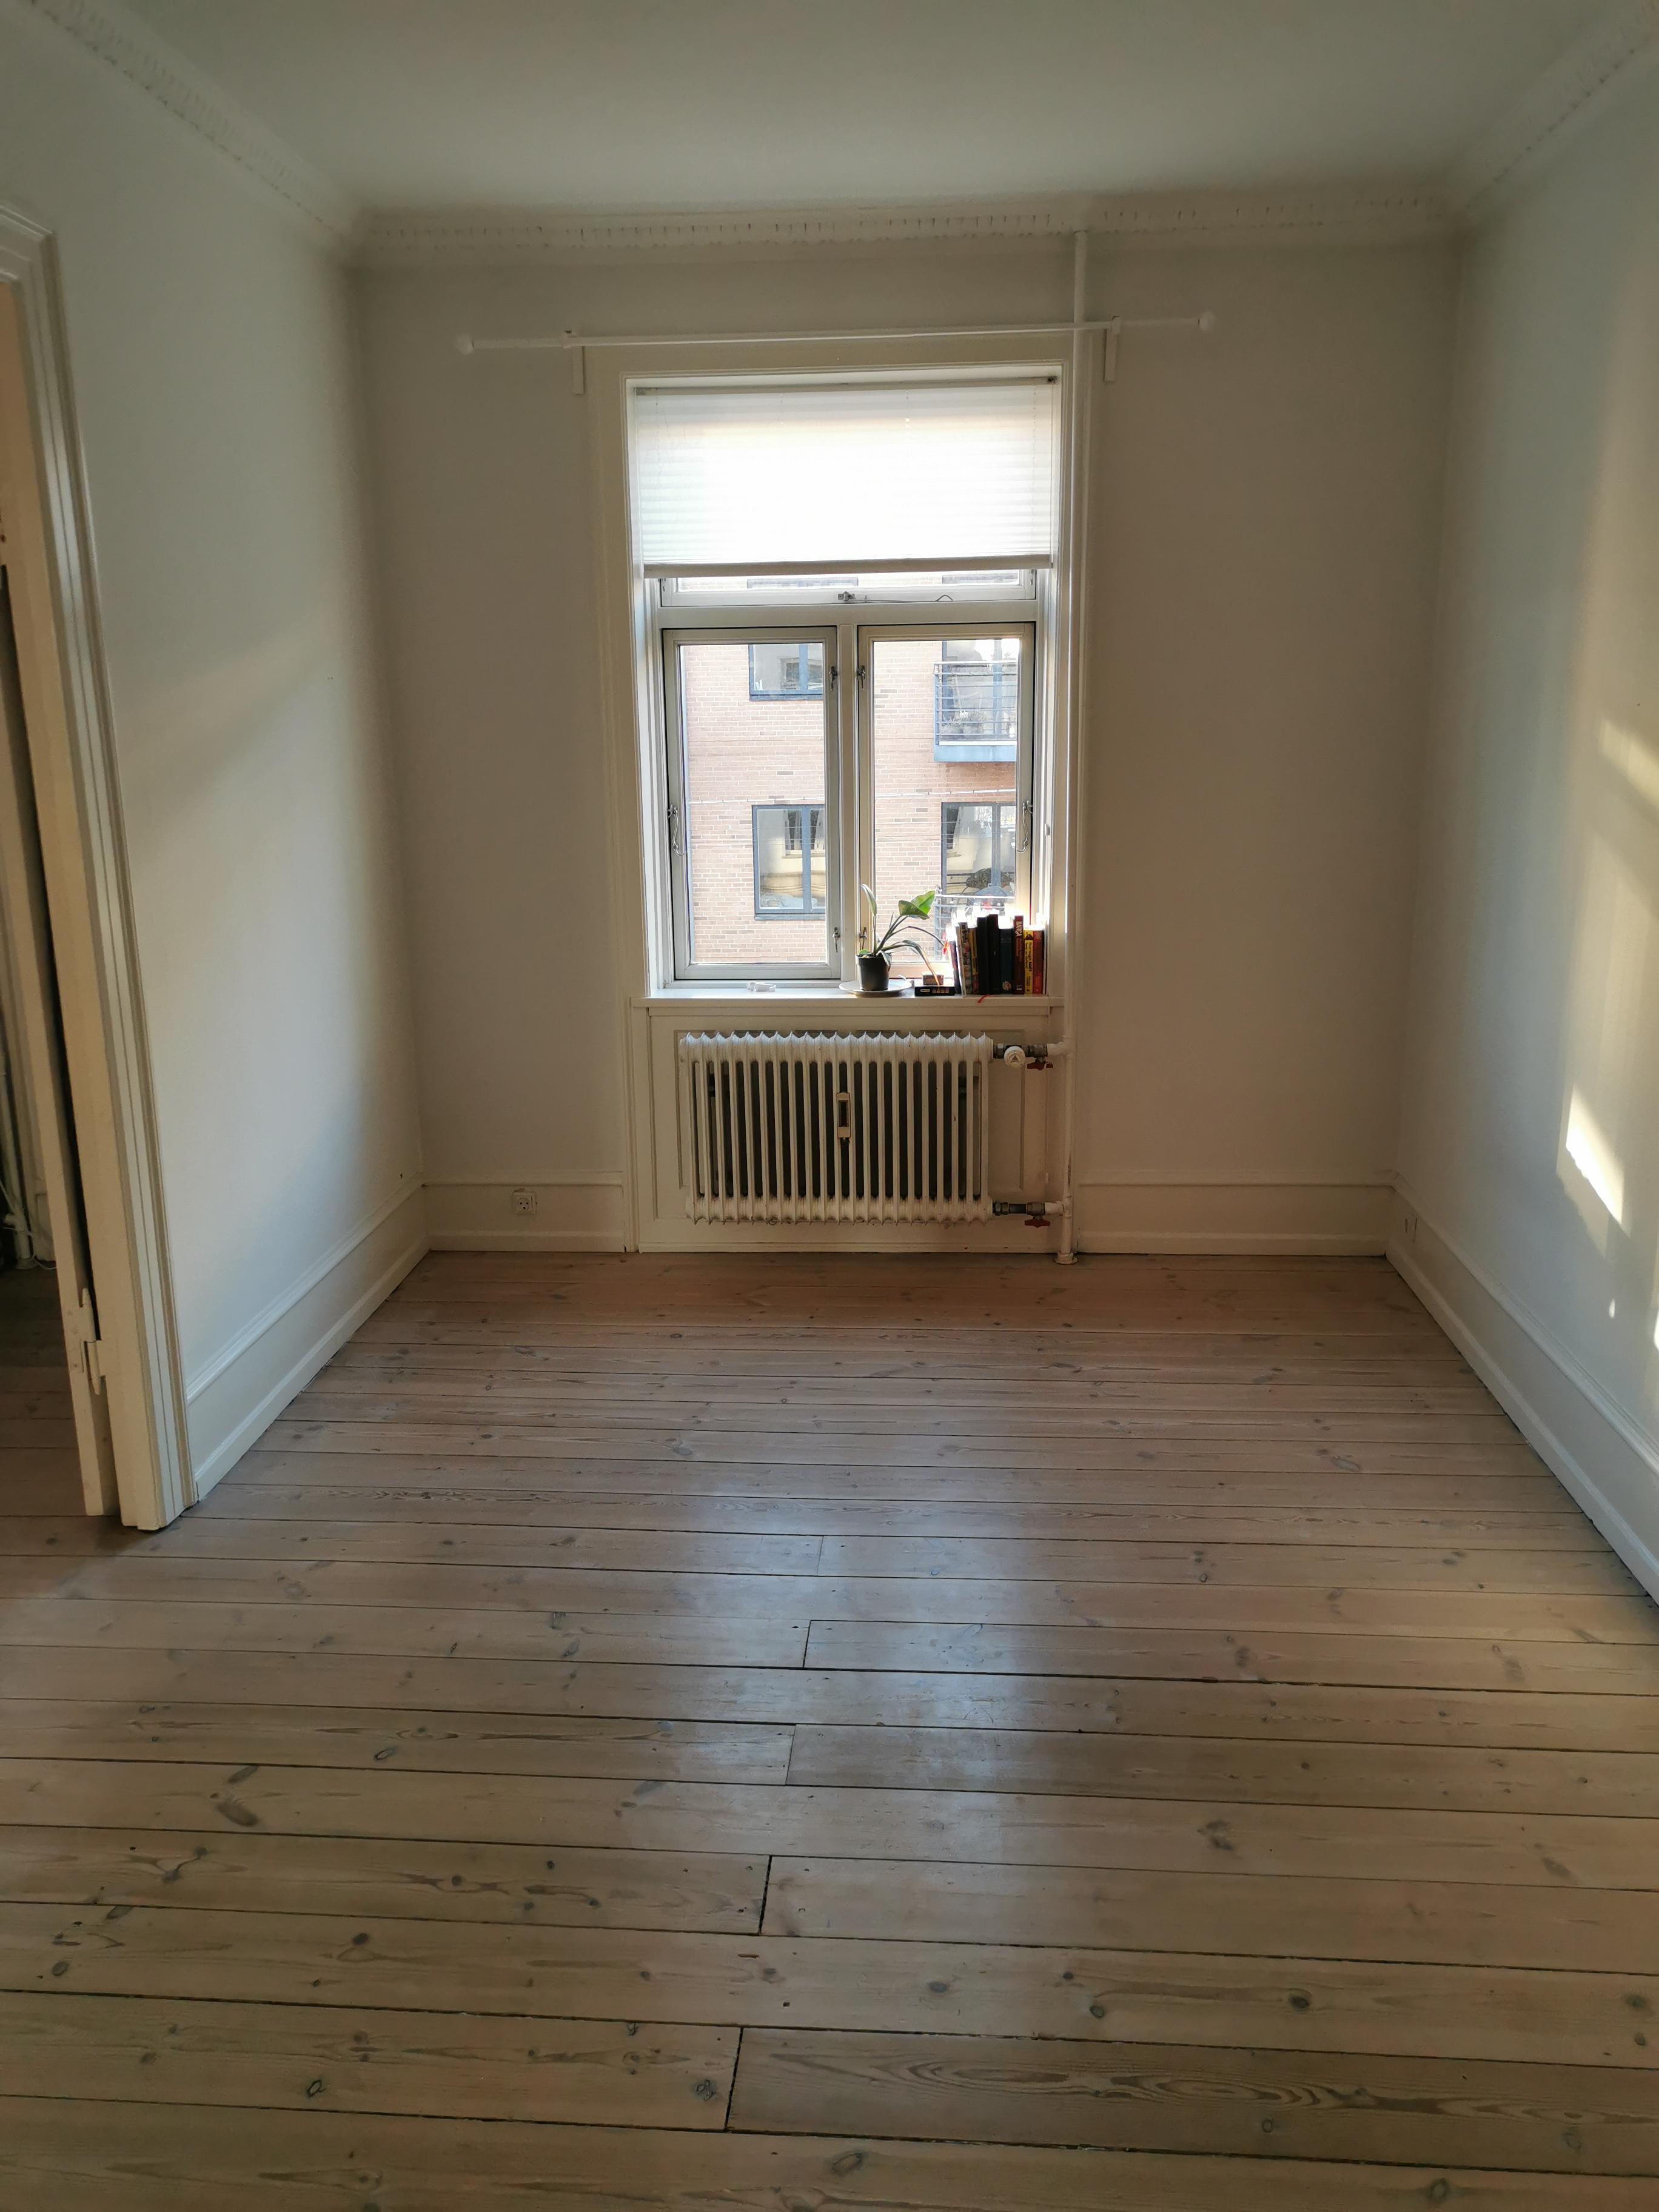 Værelse til leje i lejlighed centralt beliggende på Frederiksberg